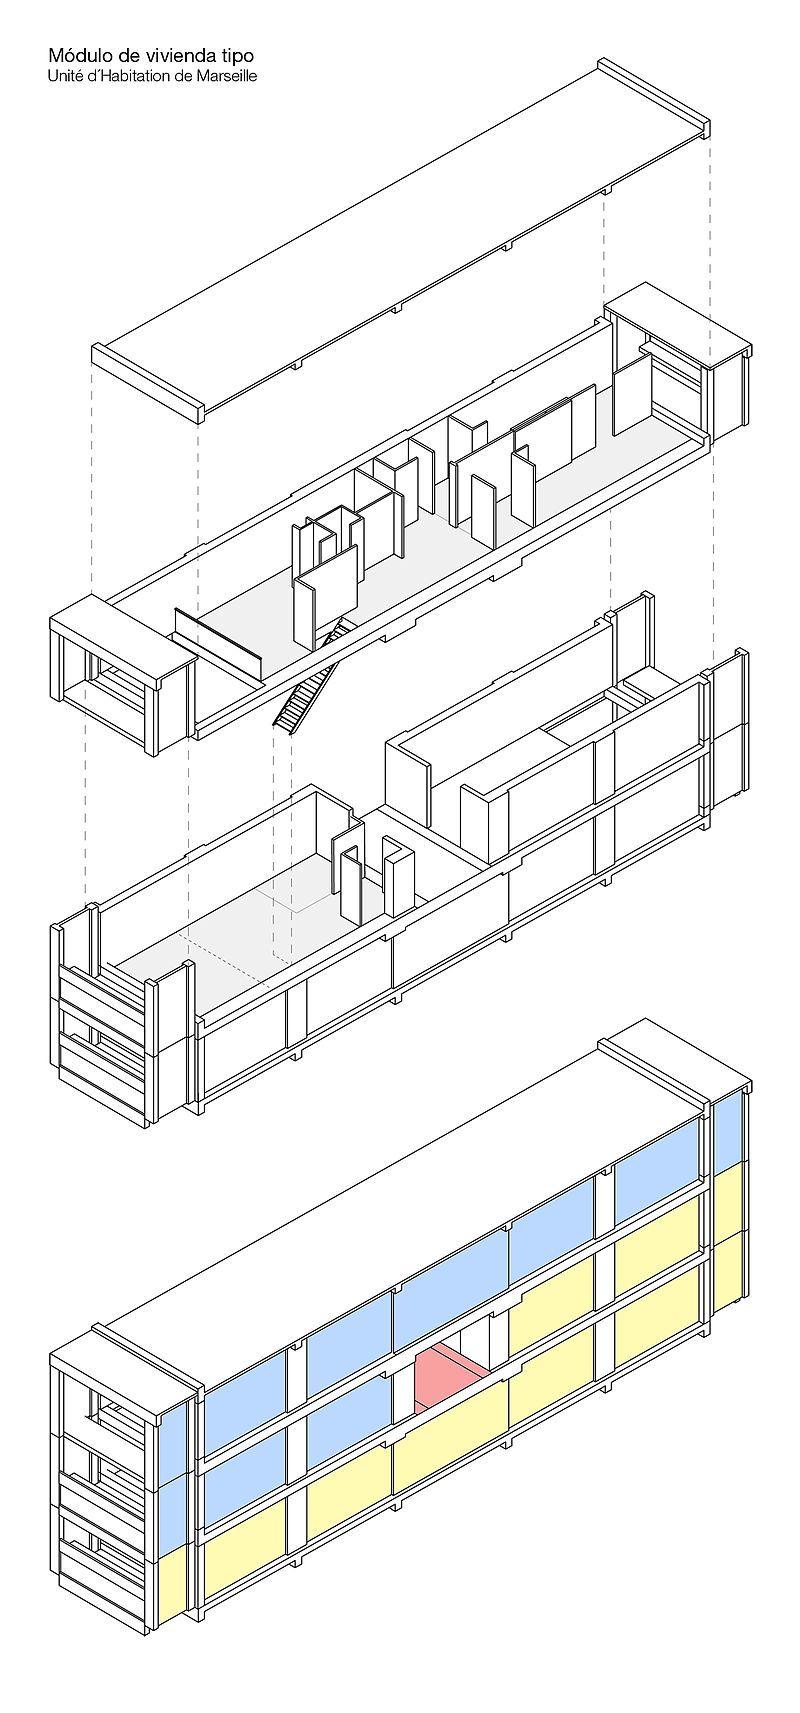 Mdulo de vivienda tipo de unit dhabitation le corbusier mdulo de vivienda tipo de unit dhabitation le corbusier wikipedia ccuart Images